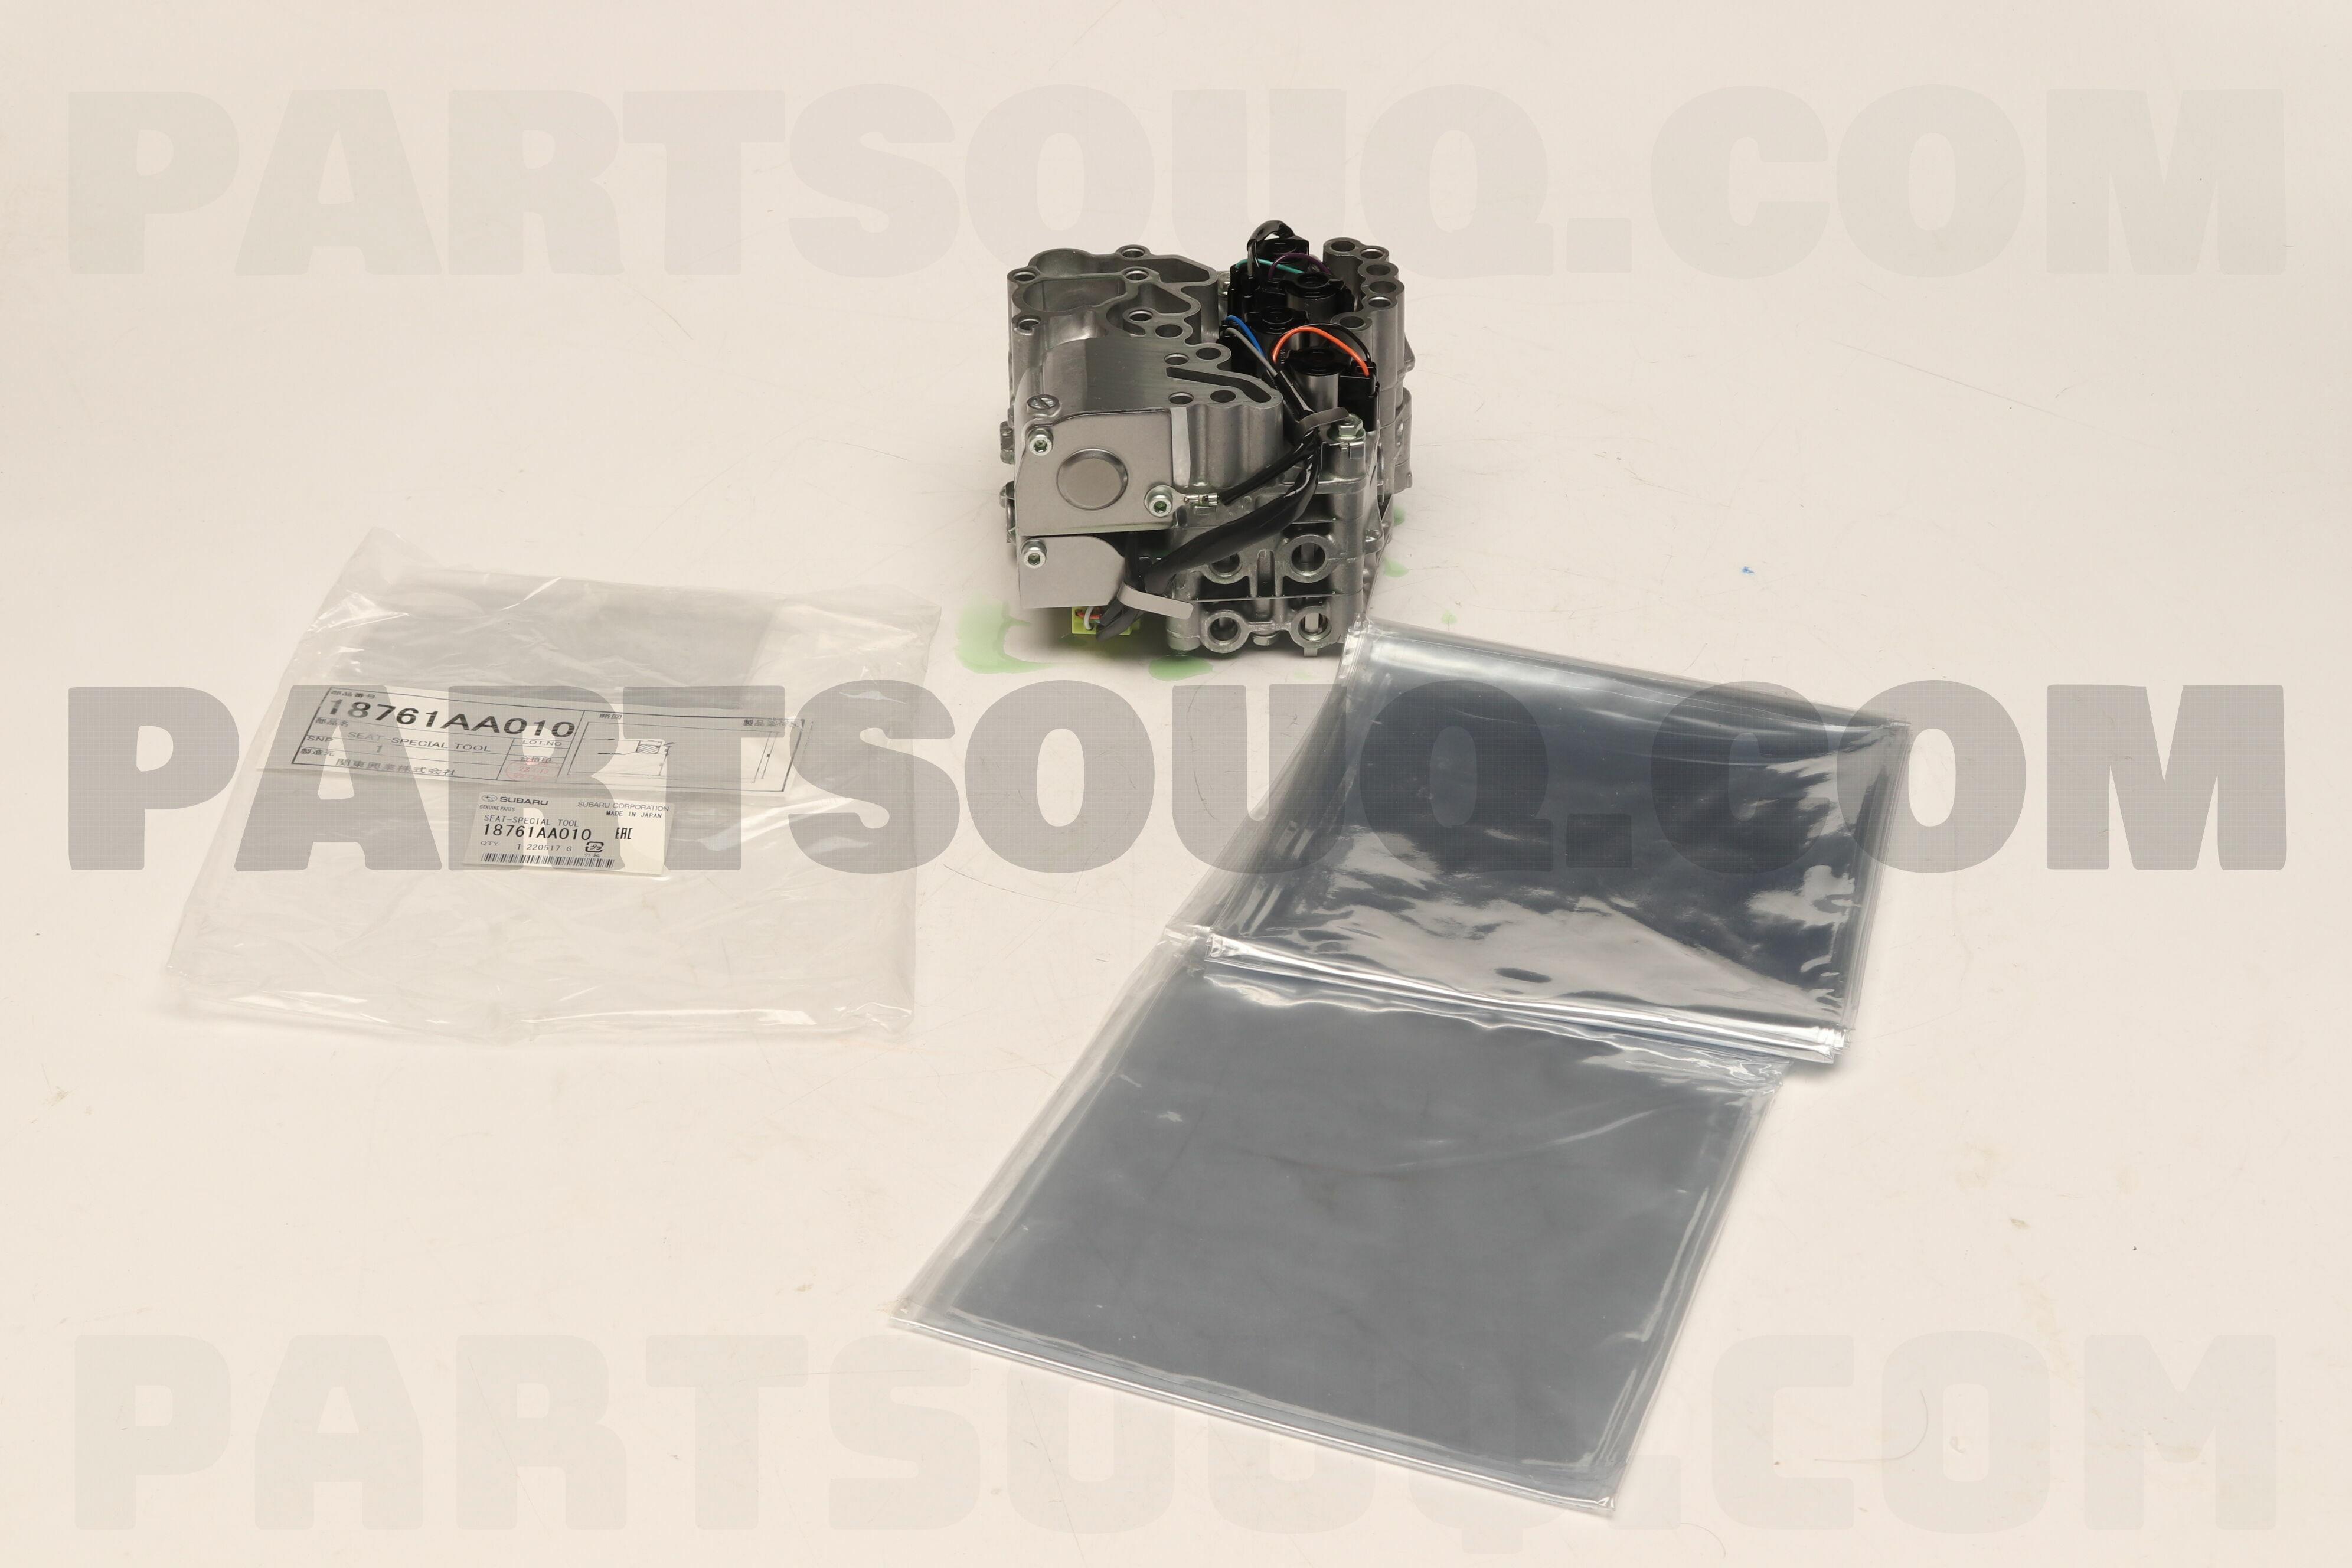 BODY AY-CONT VLV KIT 31825AA052 Subaru